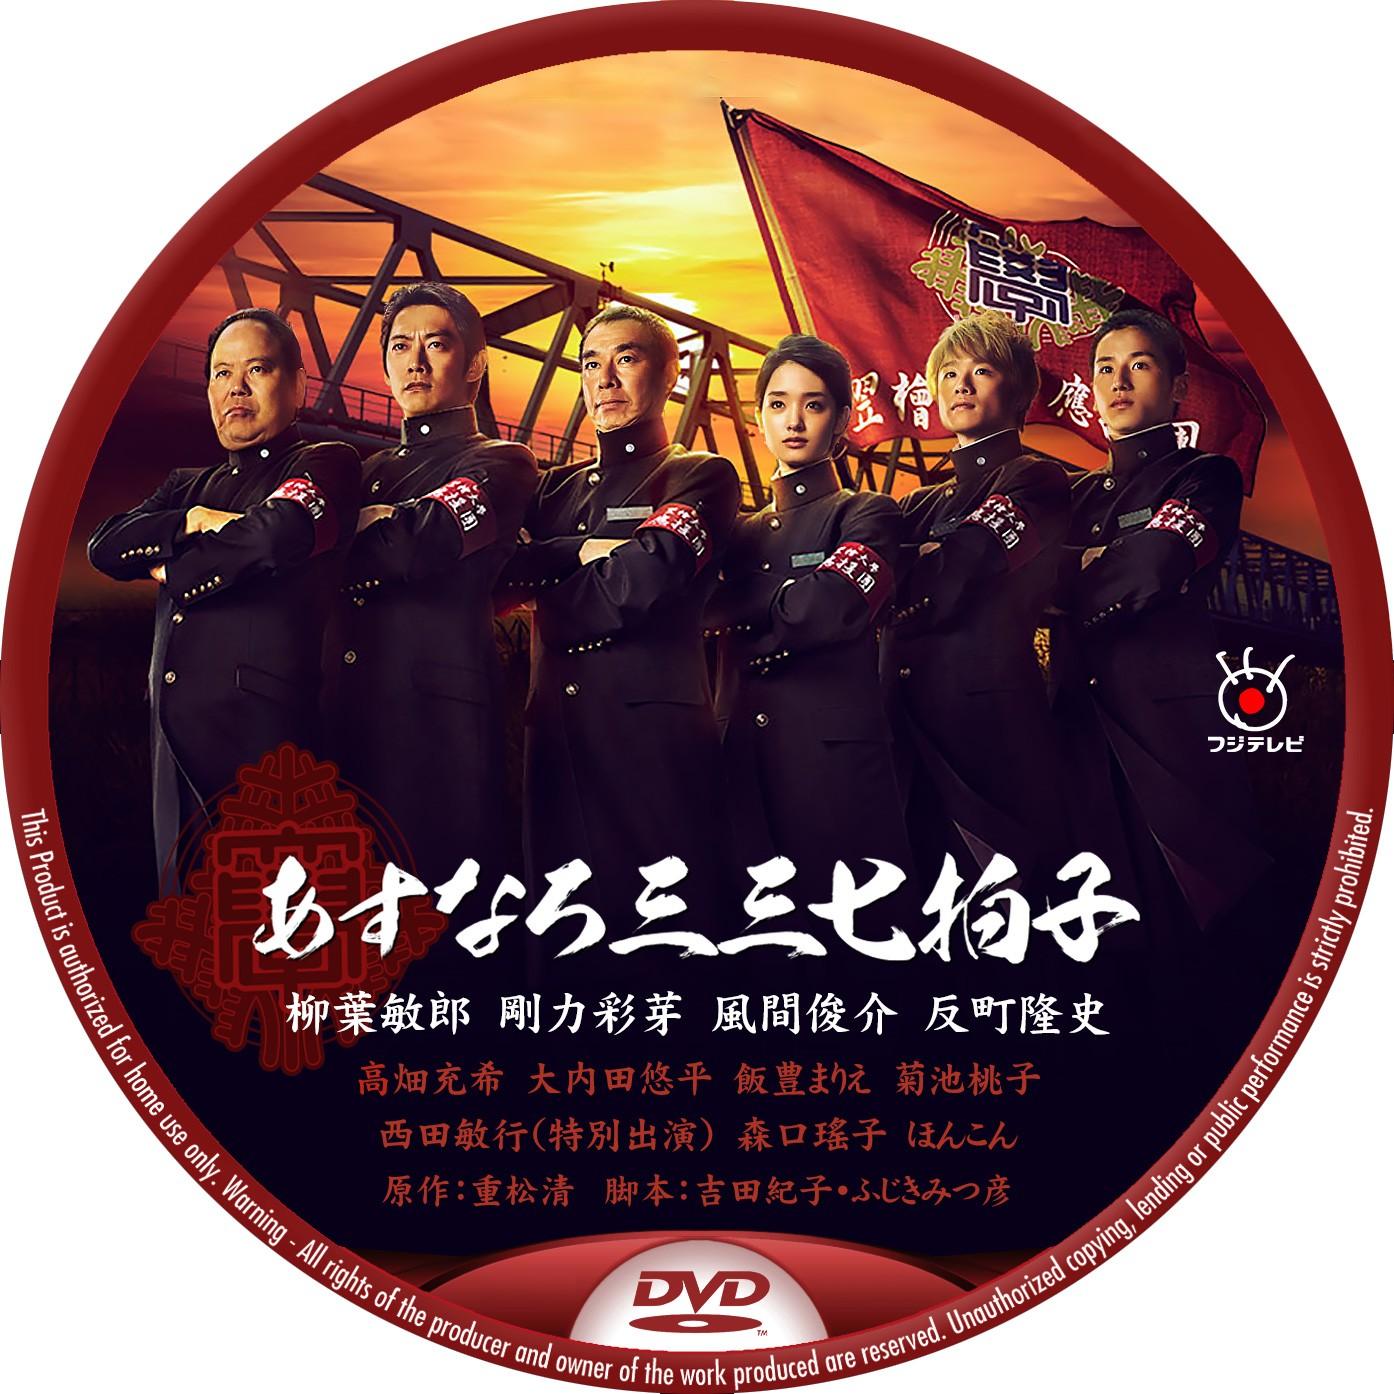 あすなろ三三七拍子 DVDラベル